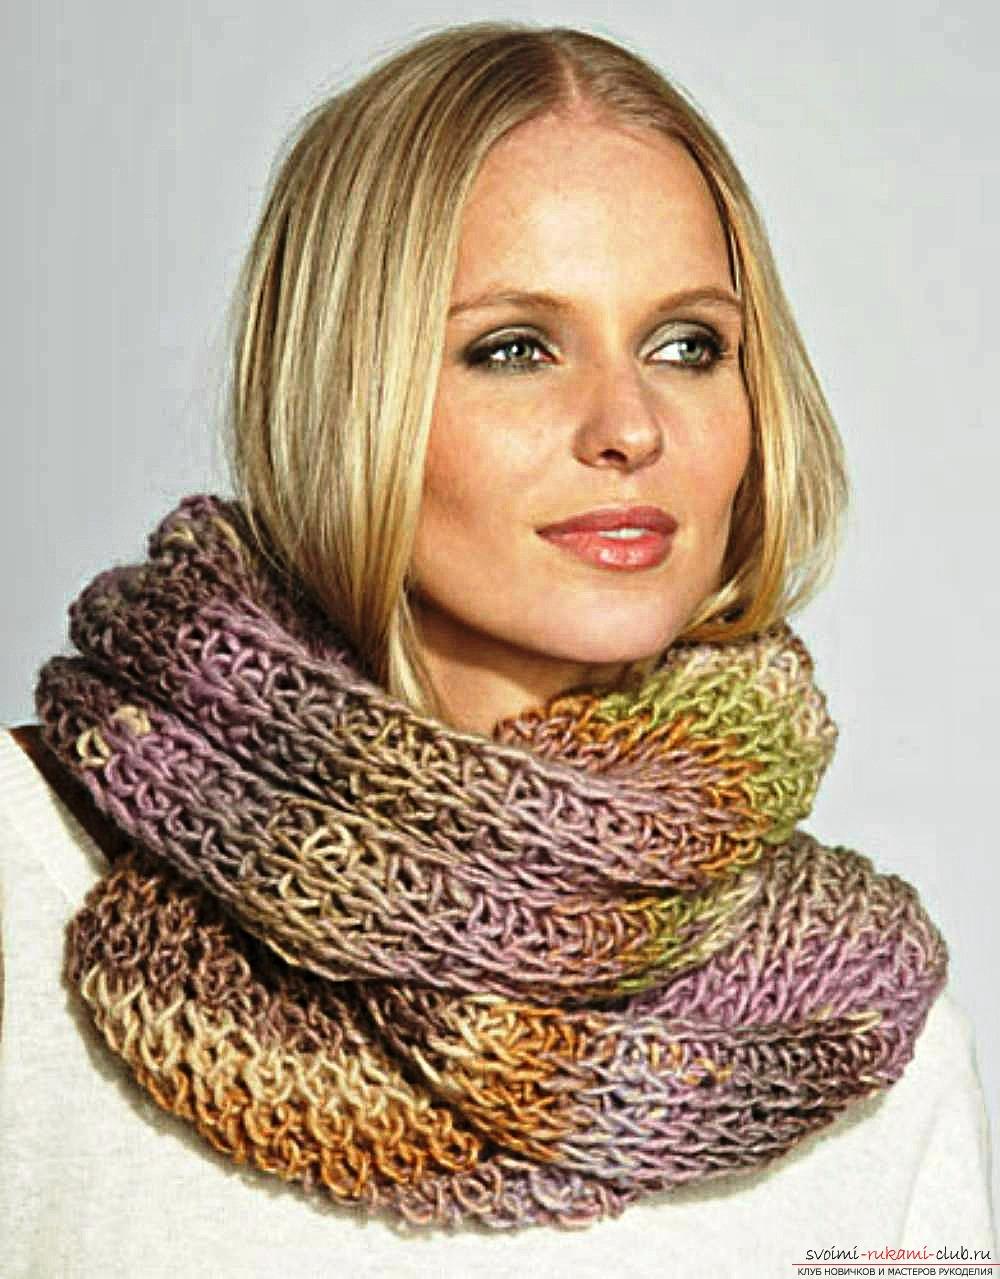 вяжем шарф-трубу спицами схема